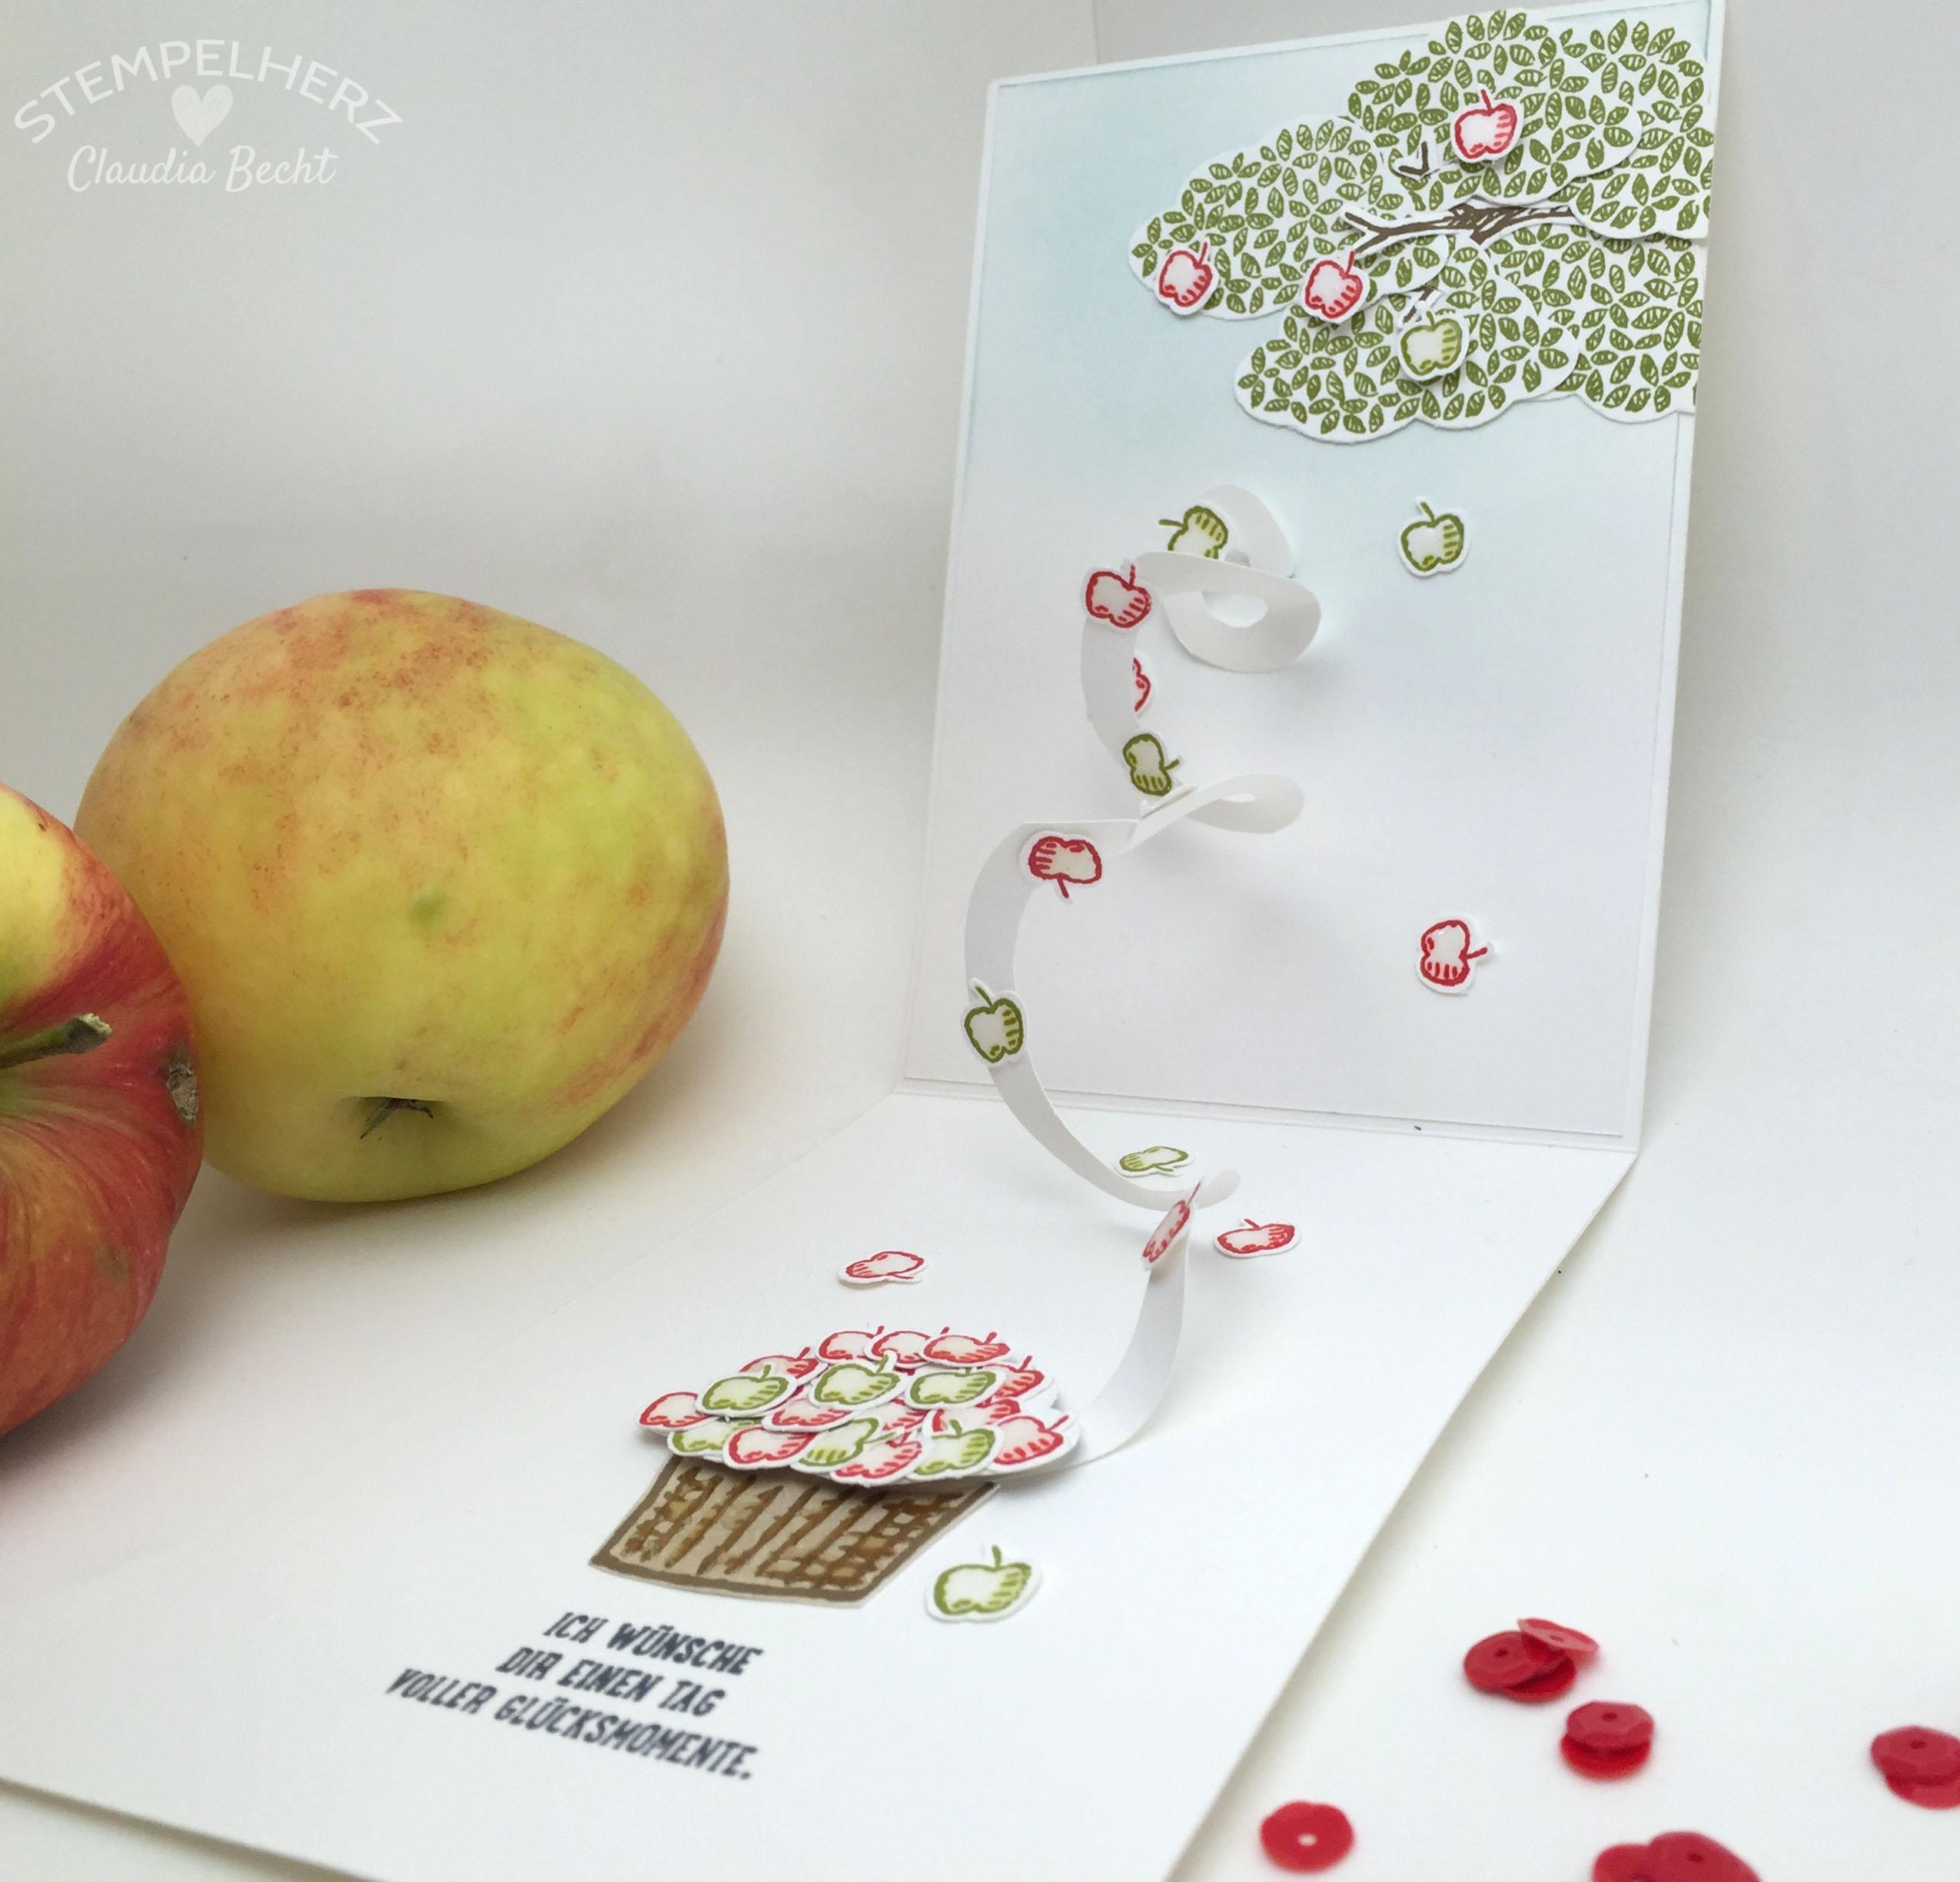 Stampin Up-Stempelherz-Geburtstagskarte-Spiralkarte-Worte die gut tun-Birthday Blossoms-Spiralkarte Apfelbaum 04b